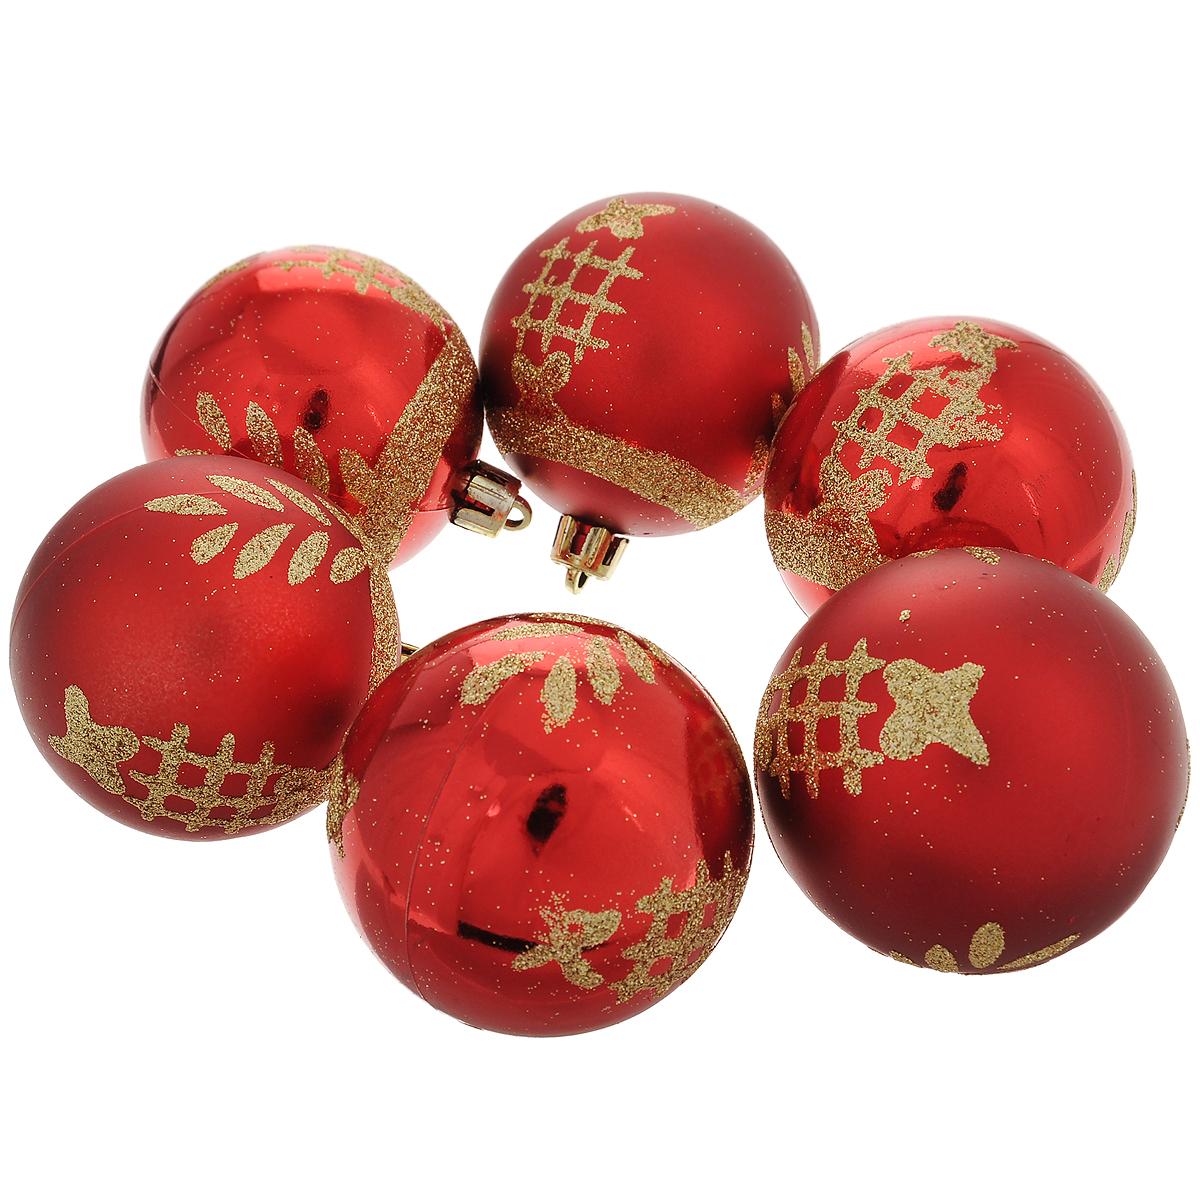 Набор новогодних подвесных украшений Шар, цвет: золотистый, красный, диаметр 6 см, 6 шт. 3551325904Набор новогодних подвесных украшений Шар прекрасно подойдет для праздничного декора новогодней ели. Состоит из шести шаров.Елочная игрушка - символ Нового года. Она несет в себе волшебство и красоту праздника. Создайте в своем доме атмосферу веселья и радости, украшая новогоднюю елку нарядными игрушками, которые будут из года в год накапливать теплоту воспоминаний. Коллекция декоративных украшений принесет в ваш дом ни с чем несравнимое ощущение волшебства! Откройте для себя удивительный мир сказок и грез. Почувствуйте волшебные минуты ожидания праздника, создайте новогоднее настроение вашим дорогим и близким.